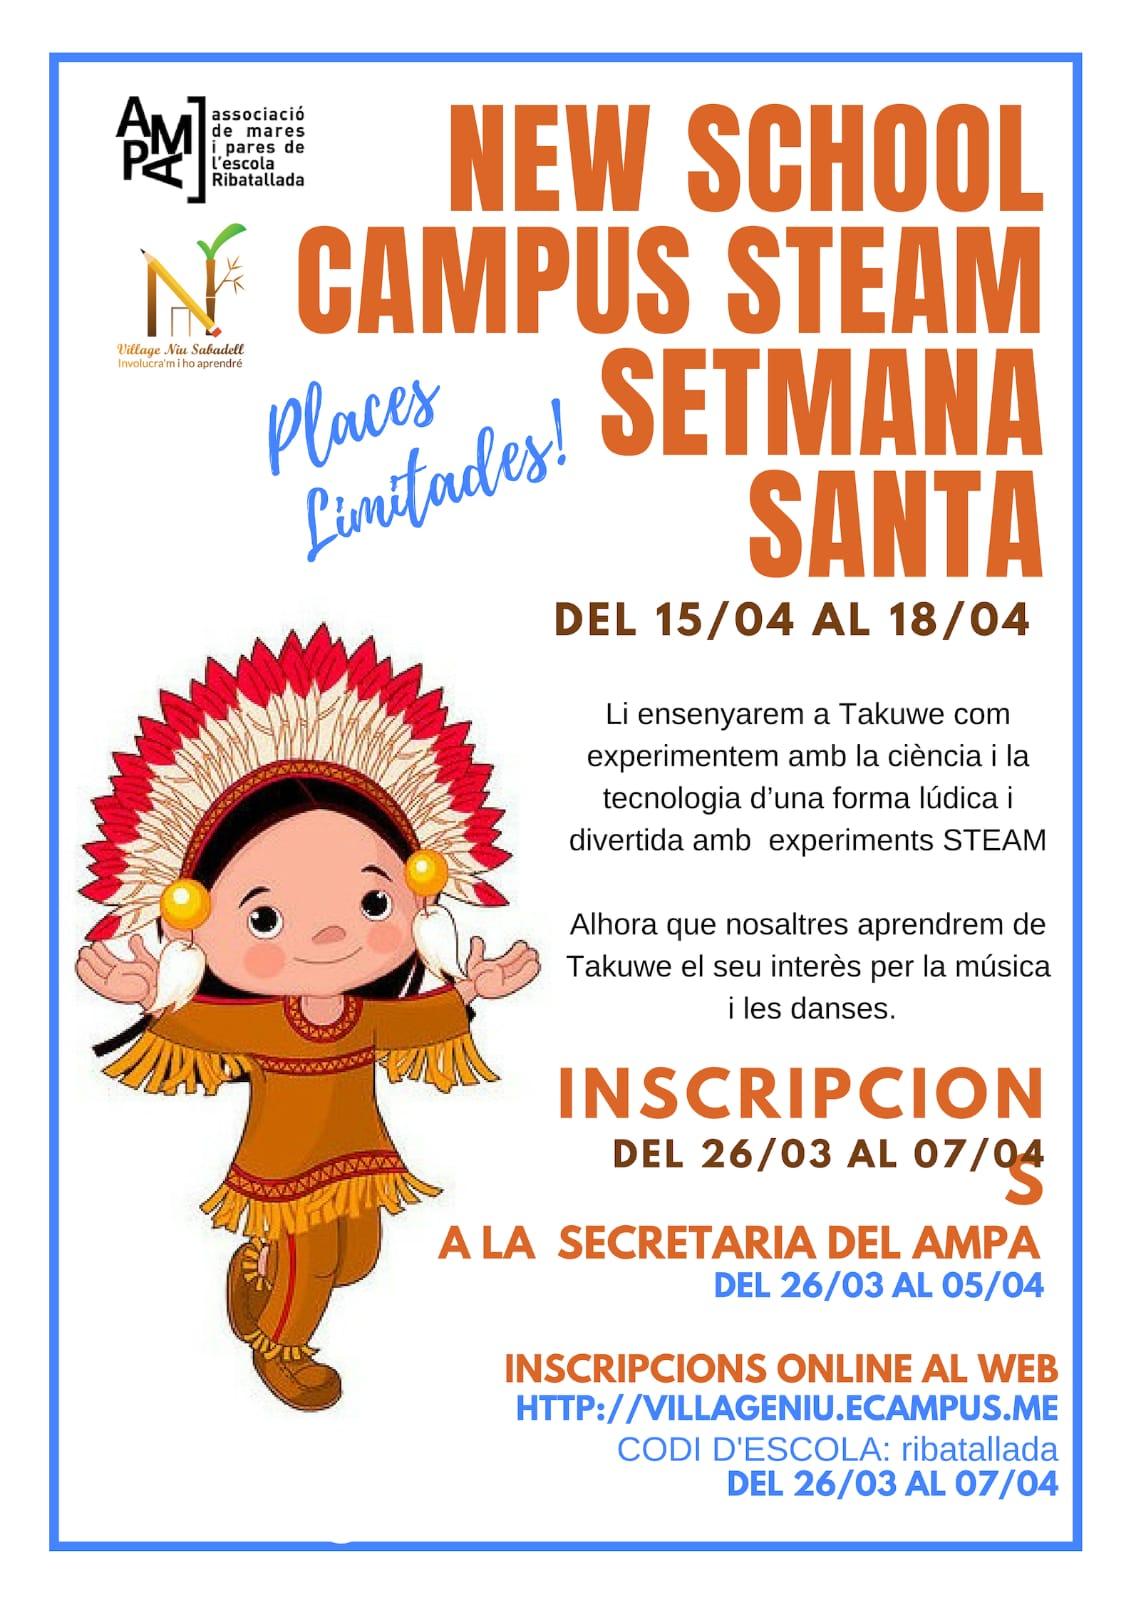 Casal SetmanaSanta 2019